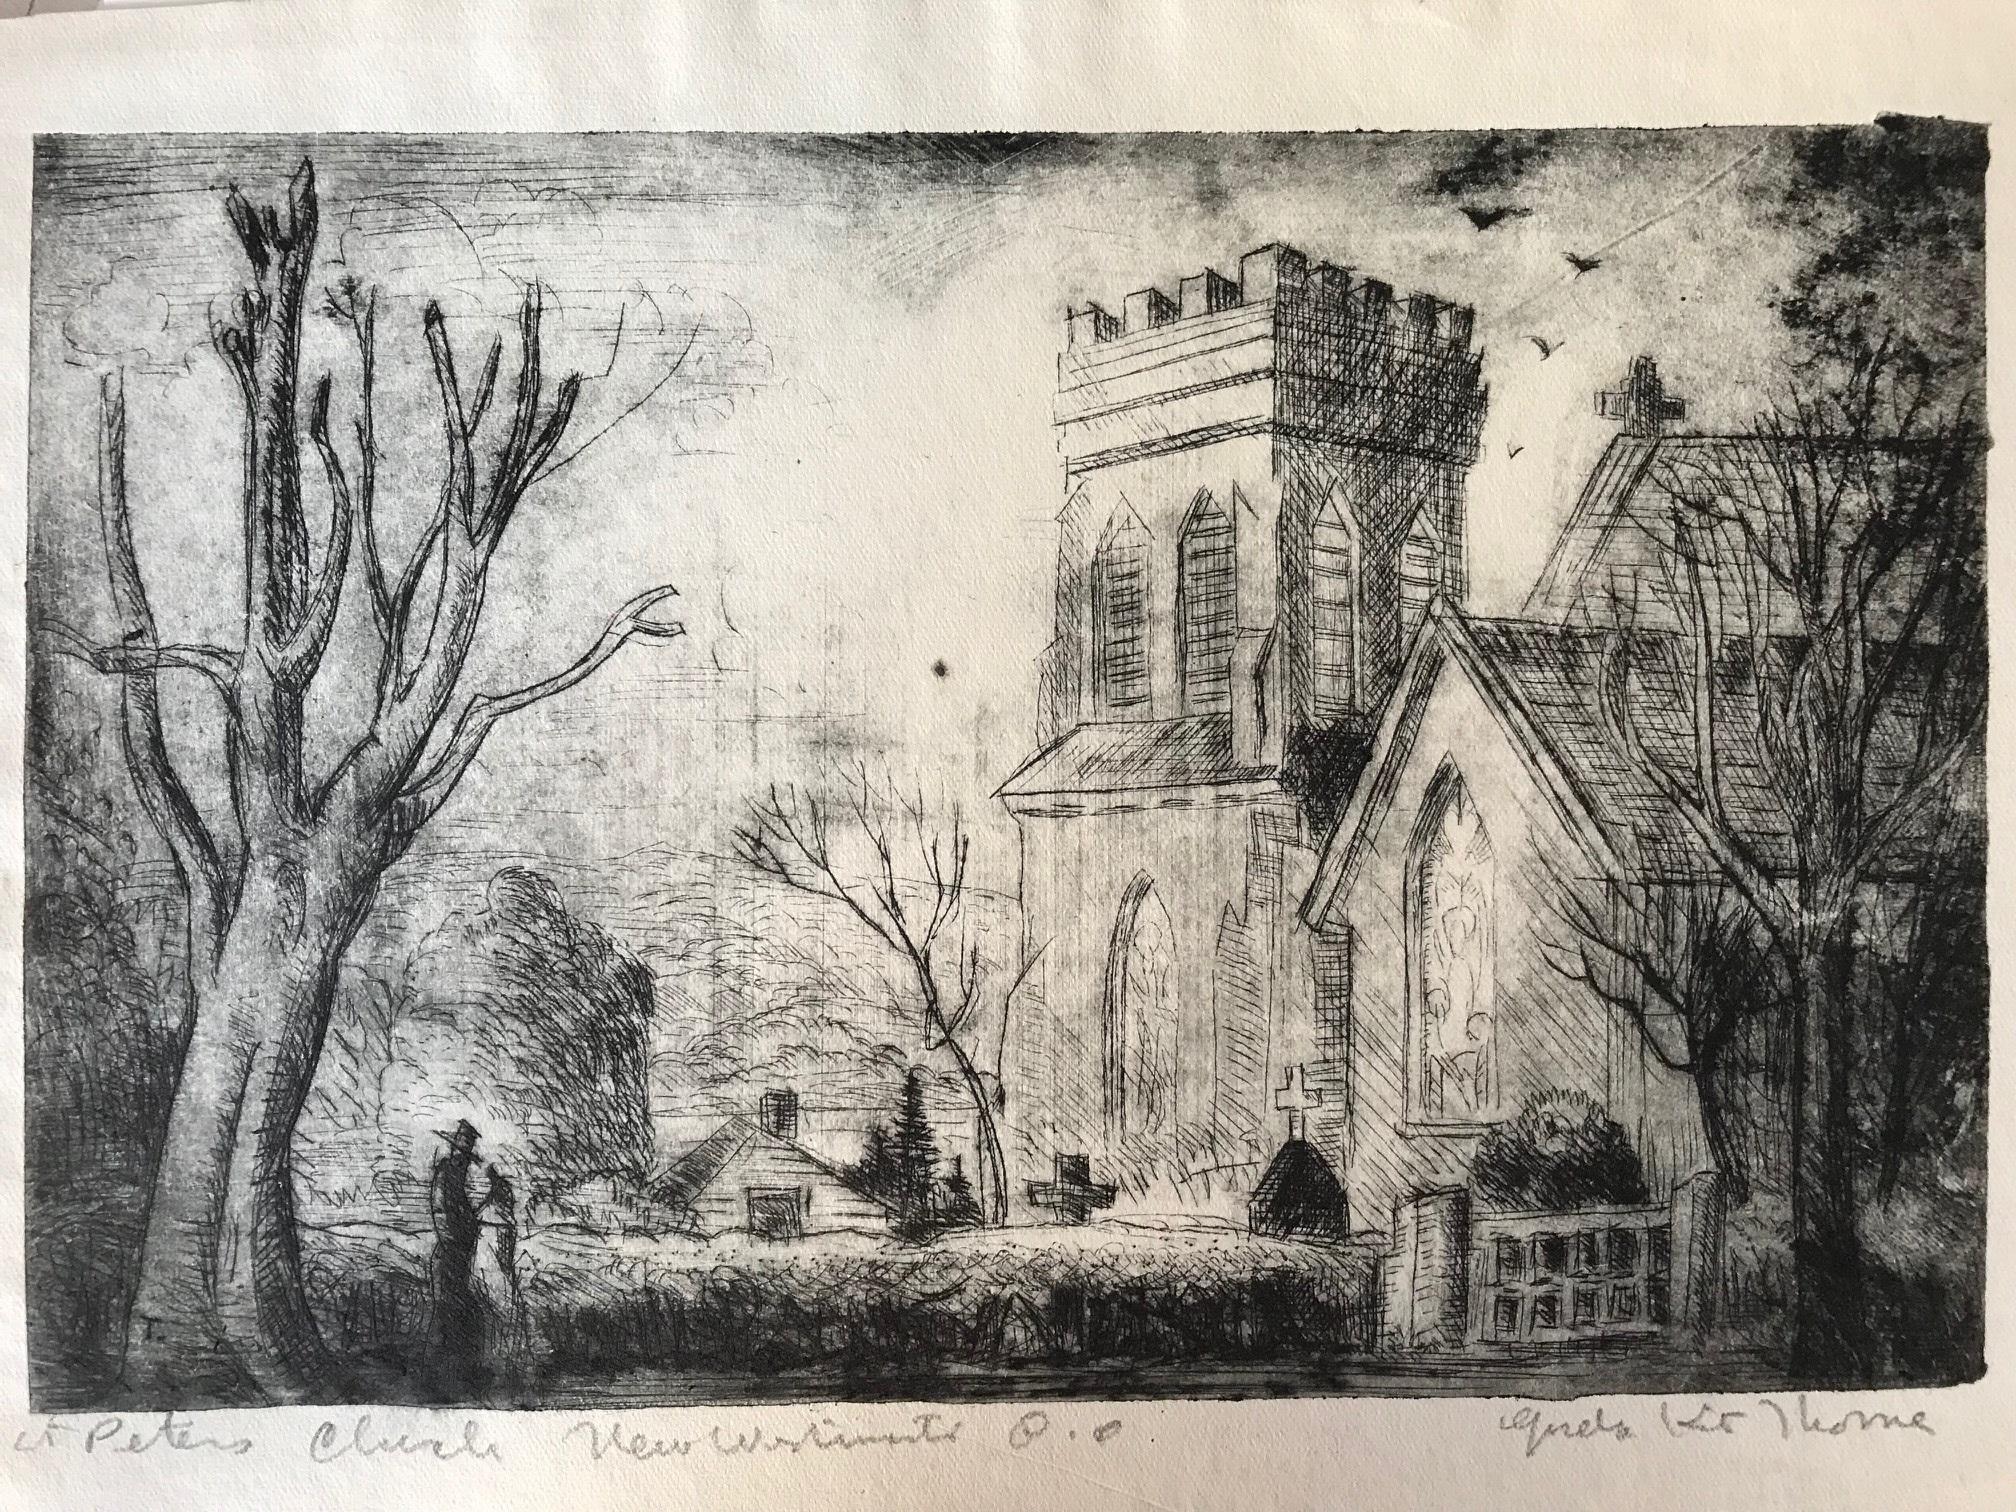 Gordon Kit Thorne, St. Peter's Church New Westminster, B.C.